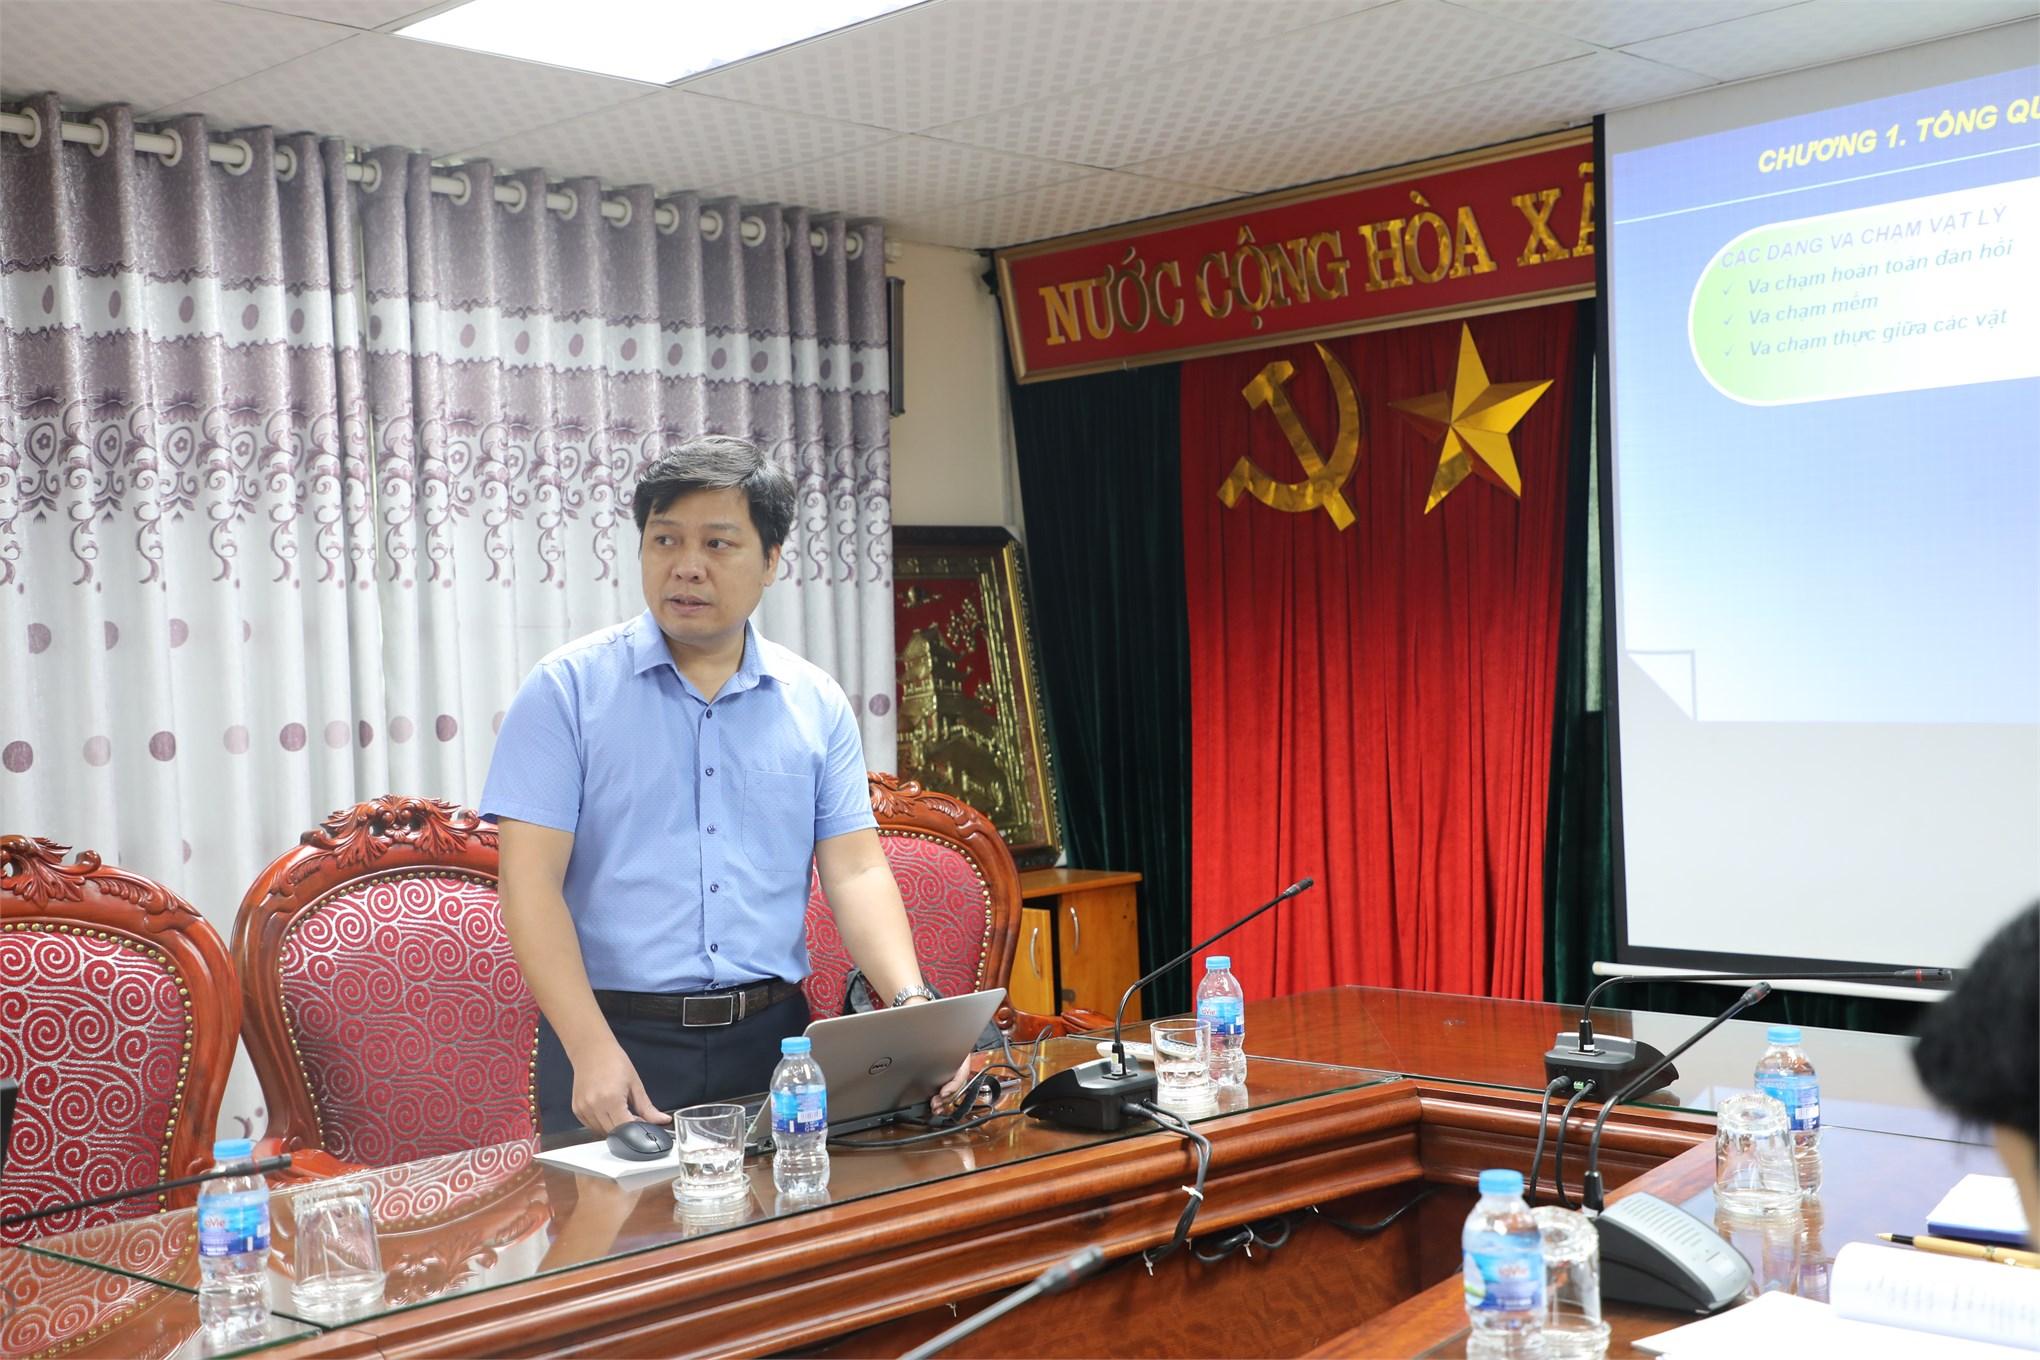 Nghiệm thu đề tài NCKH cấp trường do TS. Nguyễn Tuấn Linh chủ nhiệm